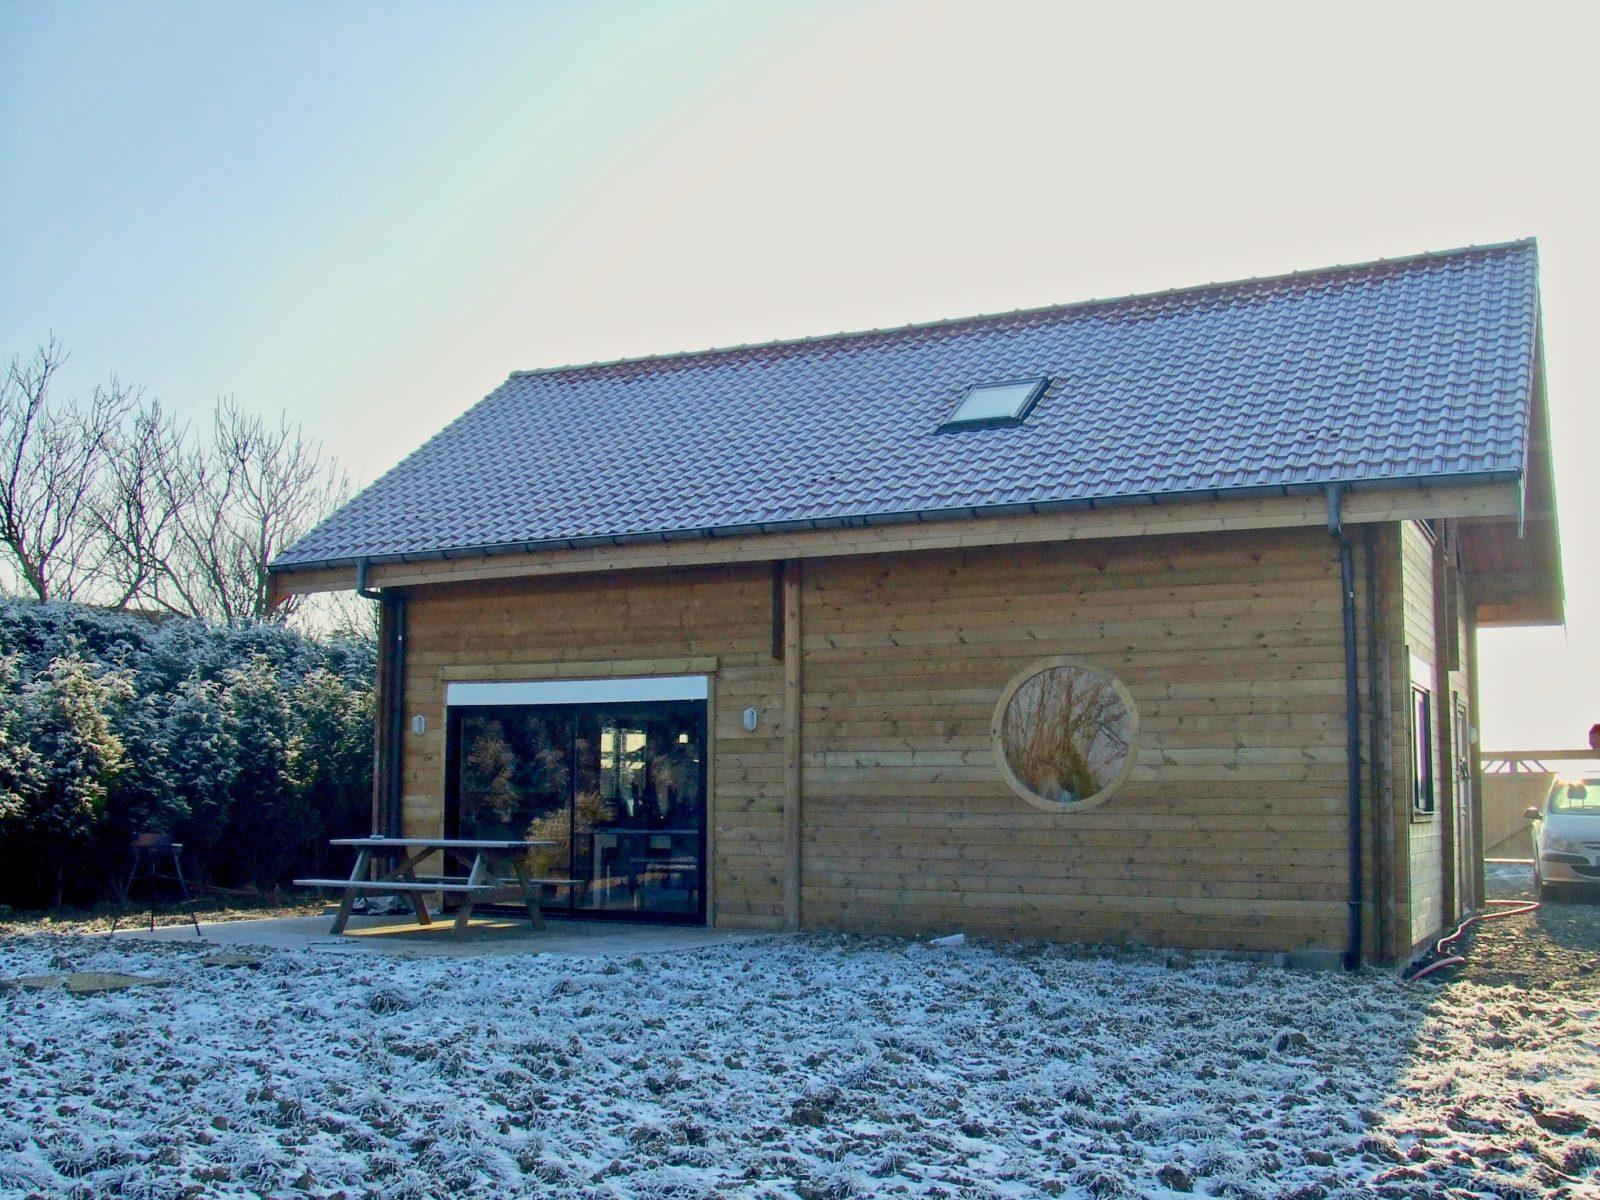 maison en madrier moderne et chaleureuse 2